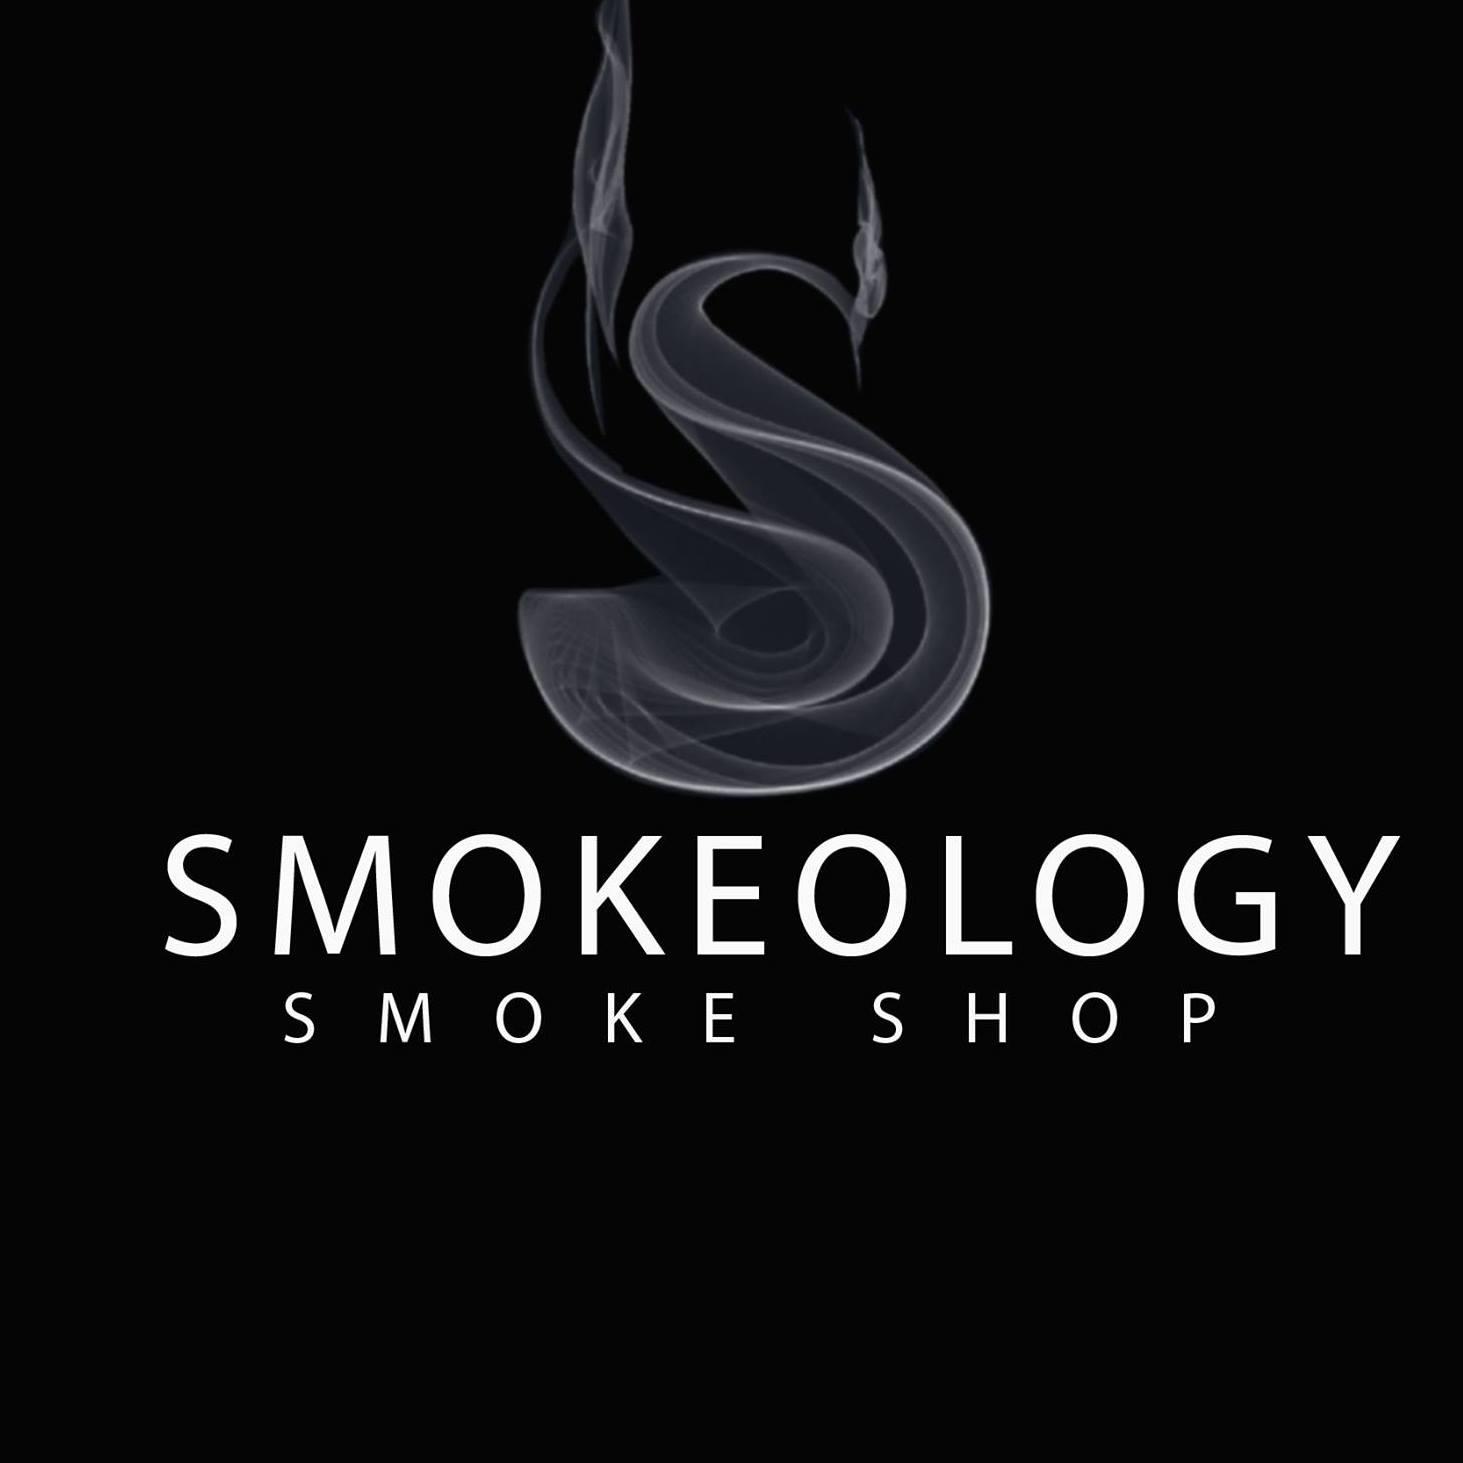 Smokeology Smoke Shop Logo